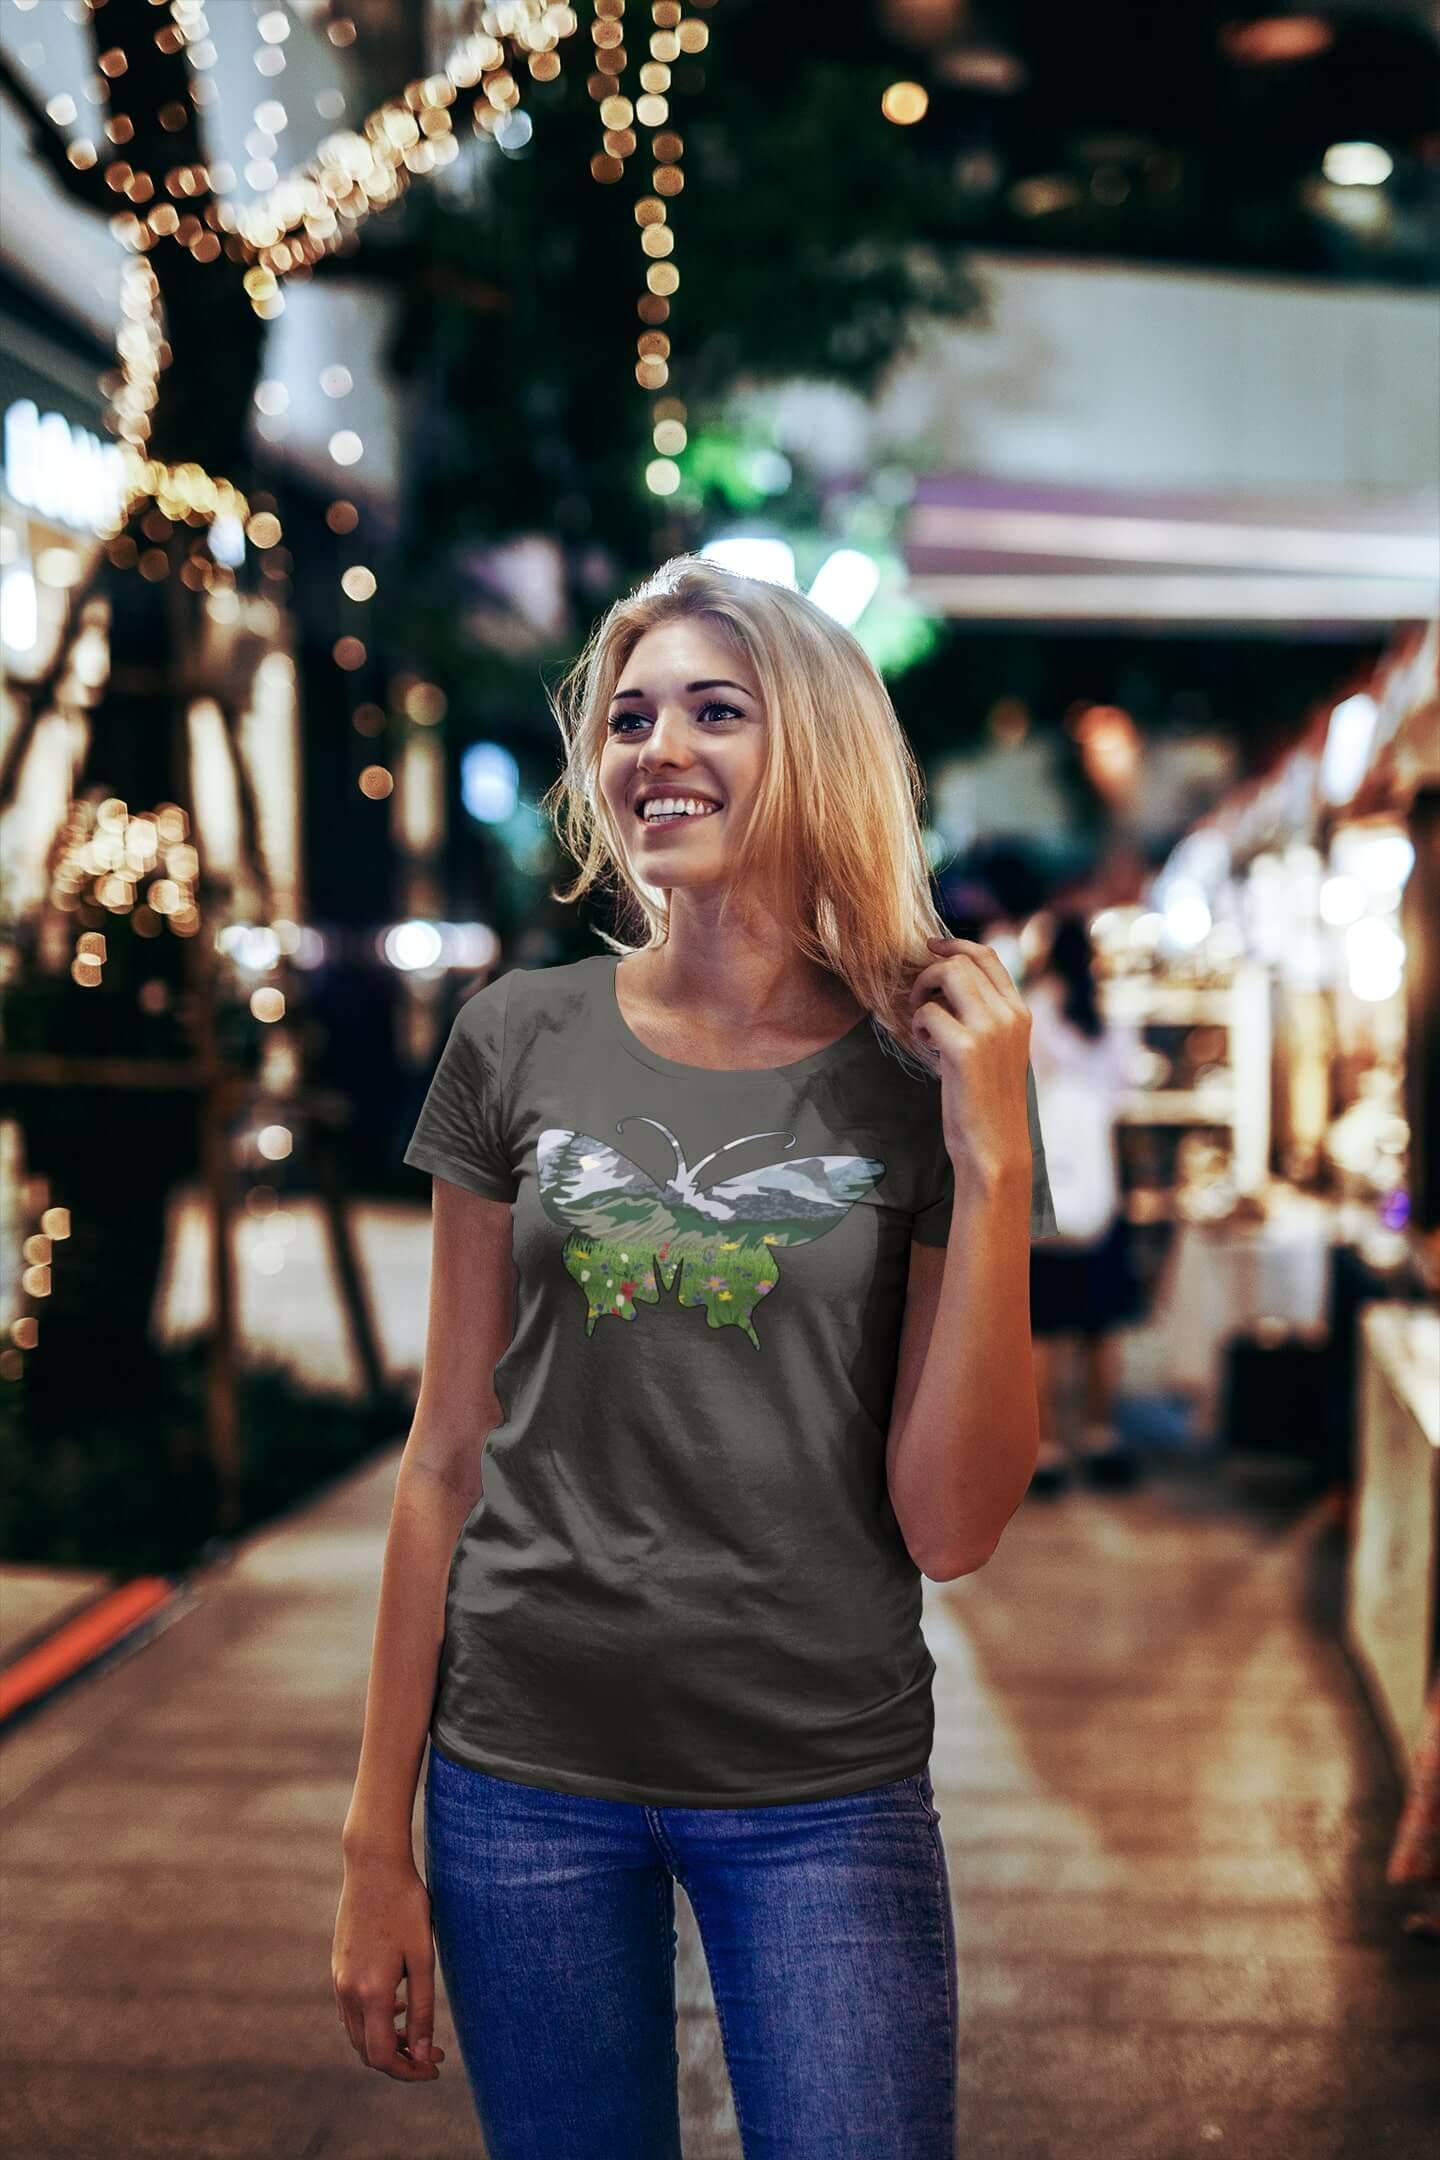 MMO Dámske tričko Motýľ Vyberte farbu: Tmavá bridlica, Vyberte veľkosť: S